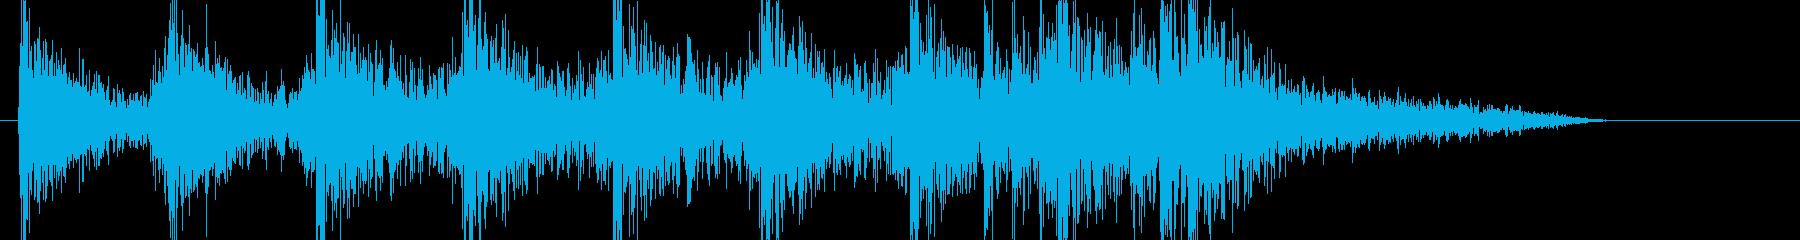 緊張感のあるシネマティックな太鼓BGMの再生済みの波形